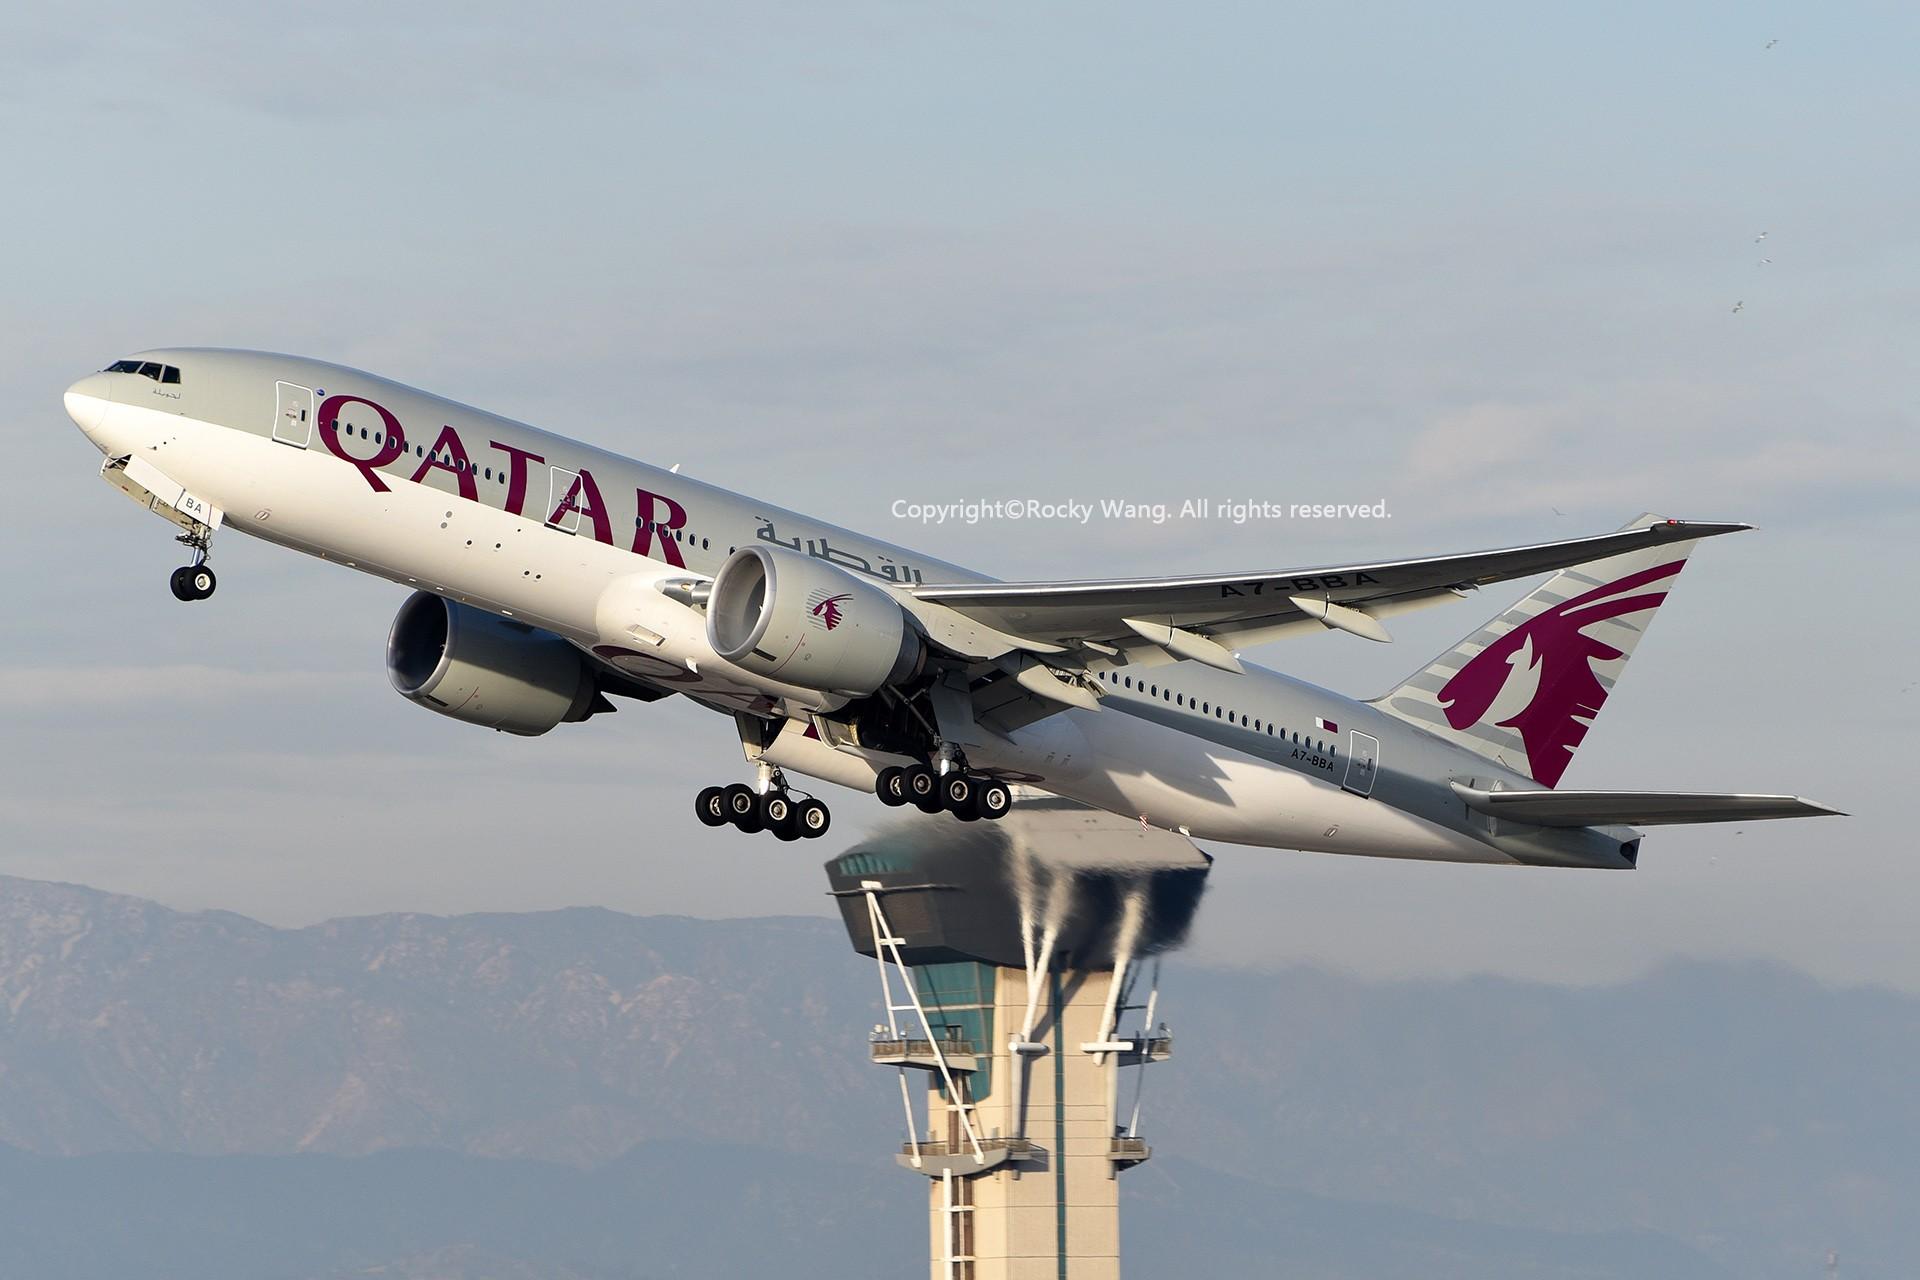 Re:[原创]KLAX 30图 BOEING 777-2DZLR A7-BBA Los Angeles Int'l Airport